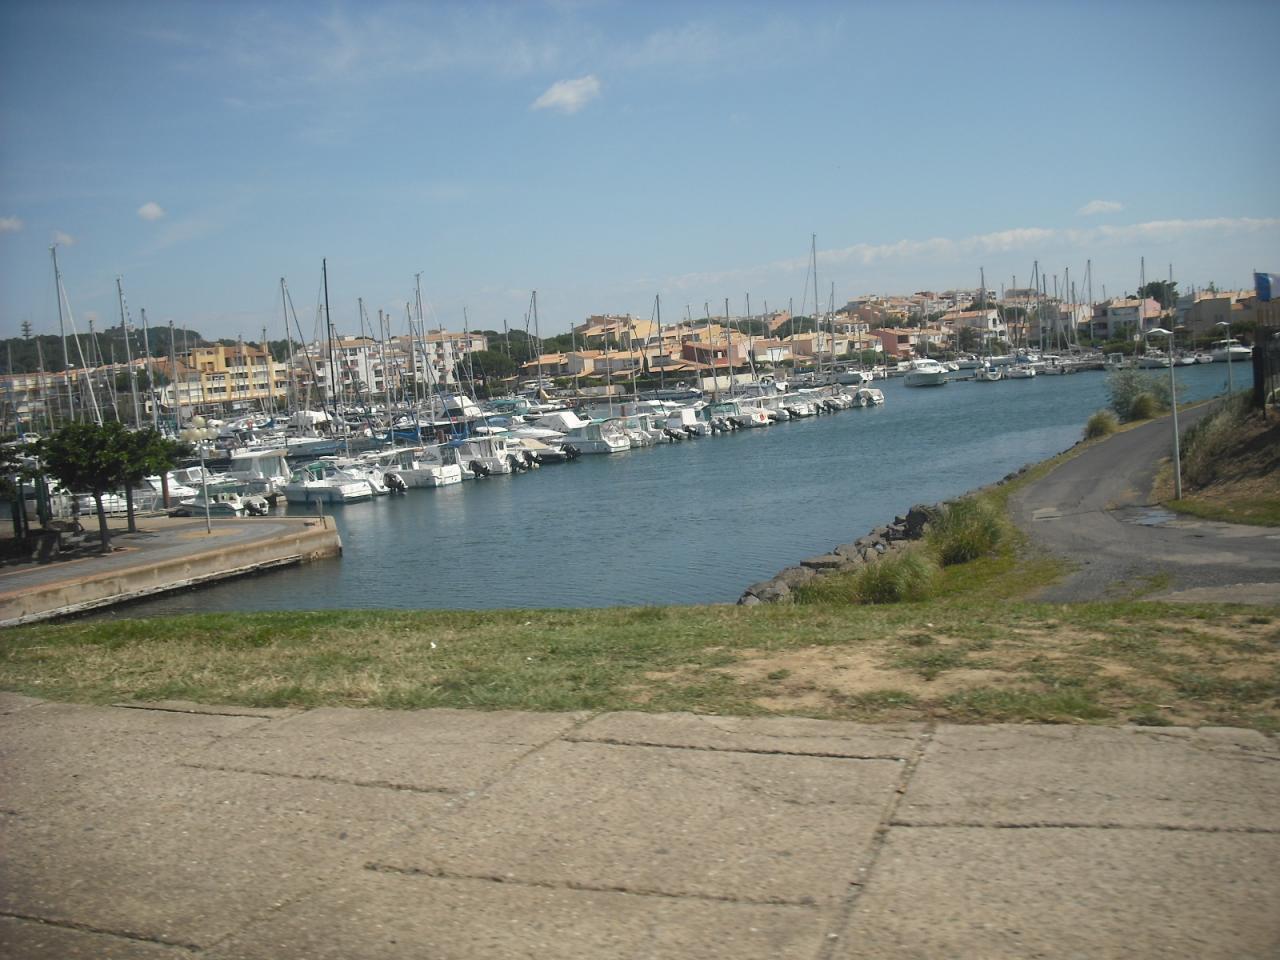 2- Port Cap d'Agde